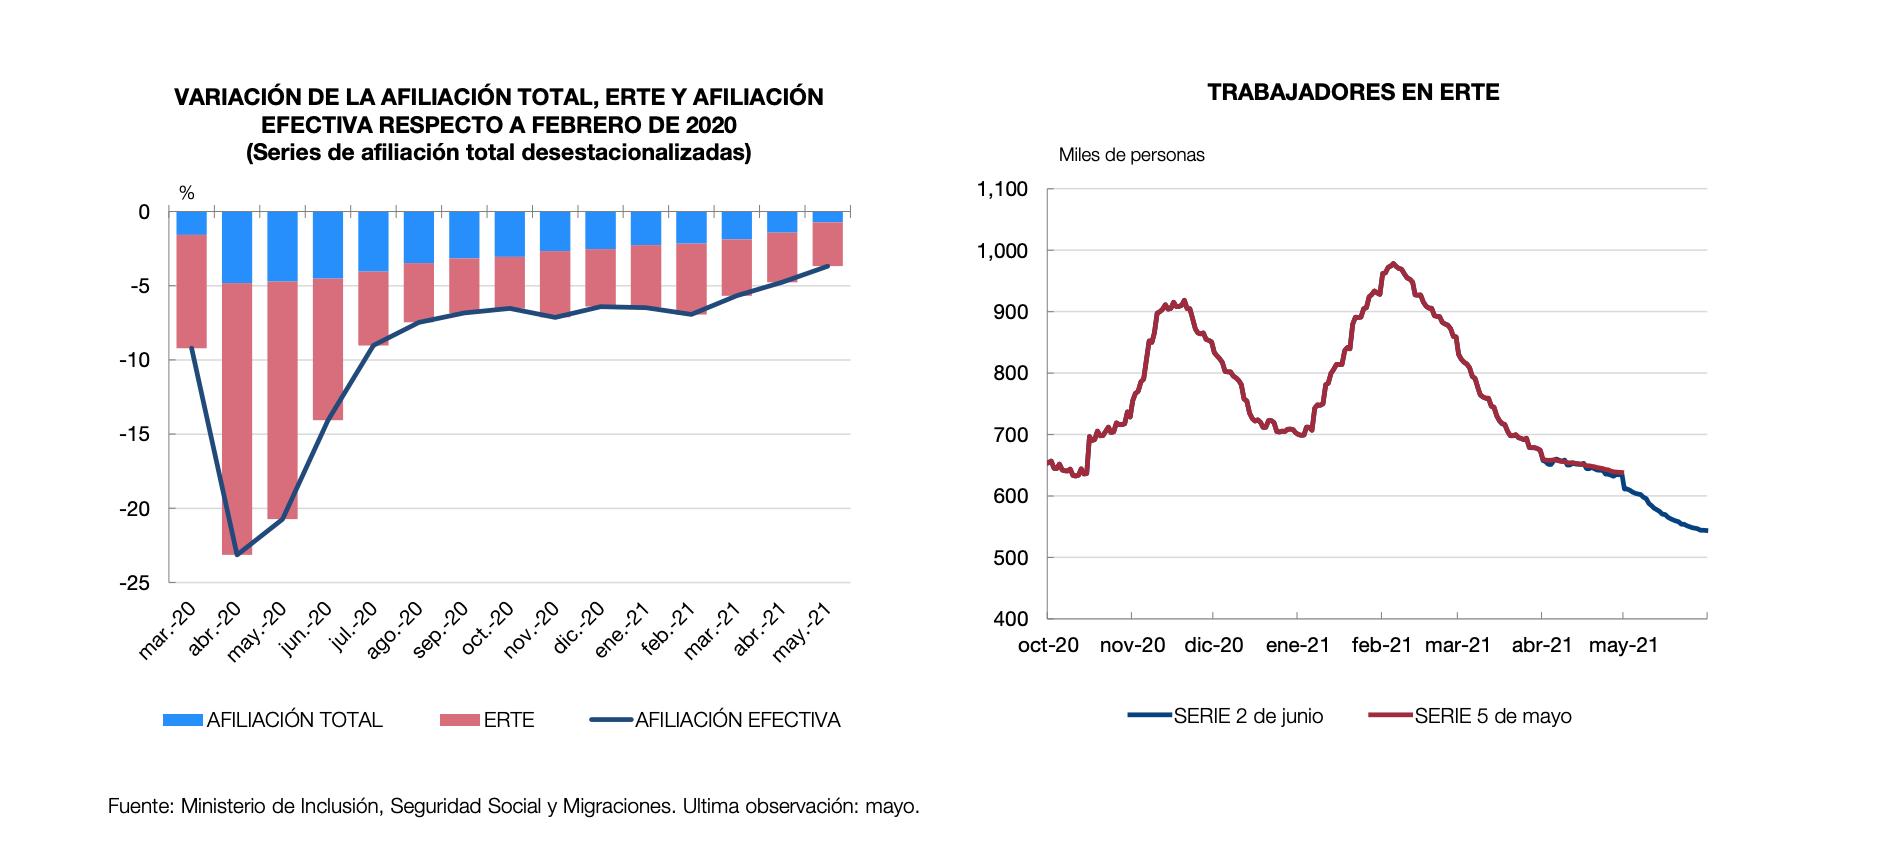 informe-junio-2021-banco-de-espana-2.png